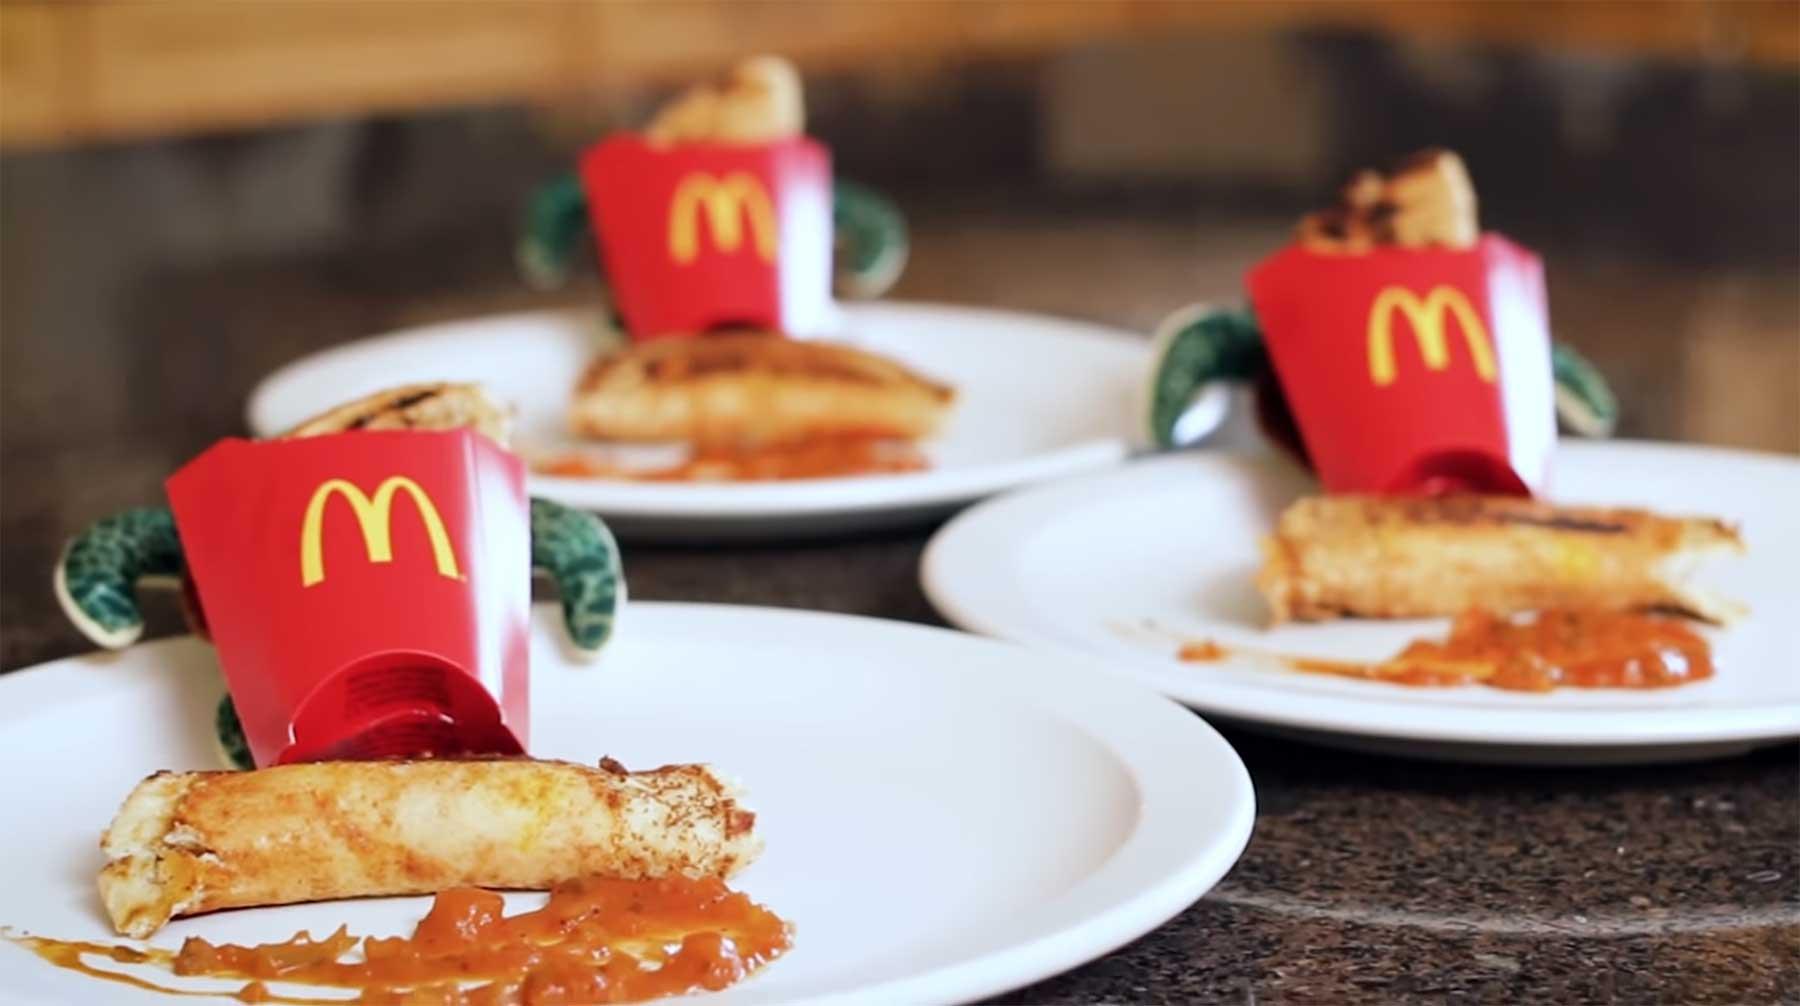 Kann man aus einem Happy Meal ein Gourmet-Essen machen? mcdonalds-happy-meal-gourmet